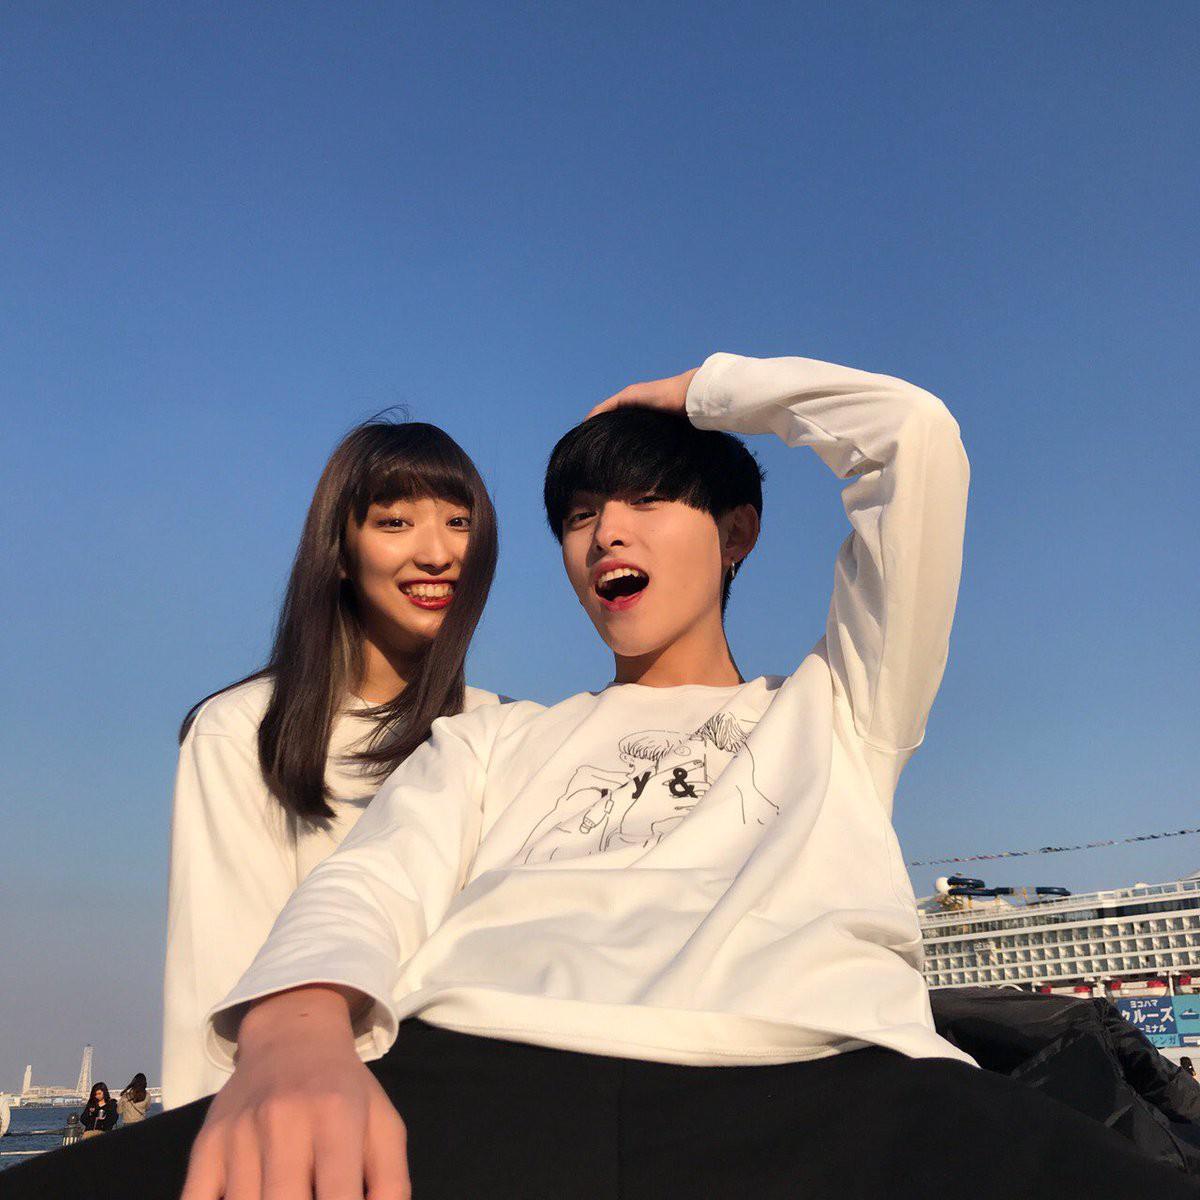 Cặp đôi chị ơi, anh yêu em Nhật Bản khiến dân tình phát sốt vì đã đẹp đôi lại còn đáng yêu - Ảnh 3.